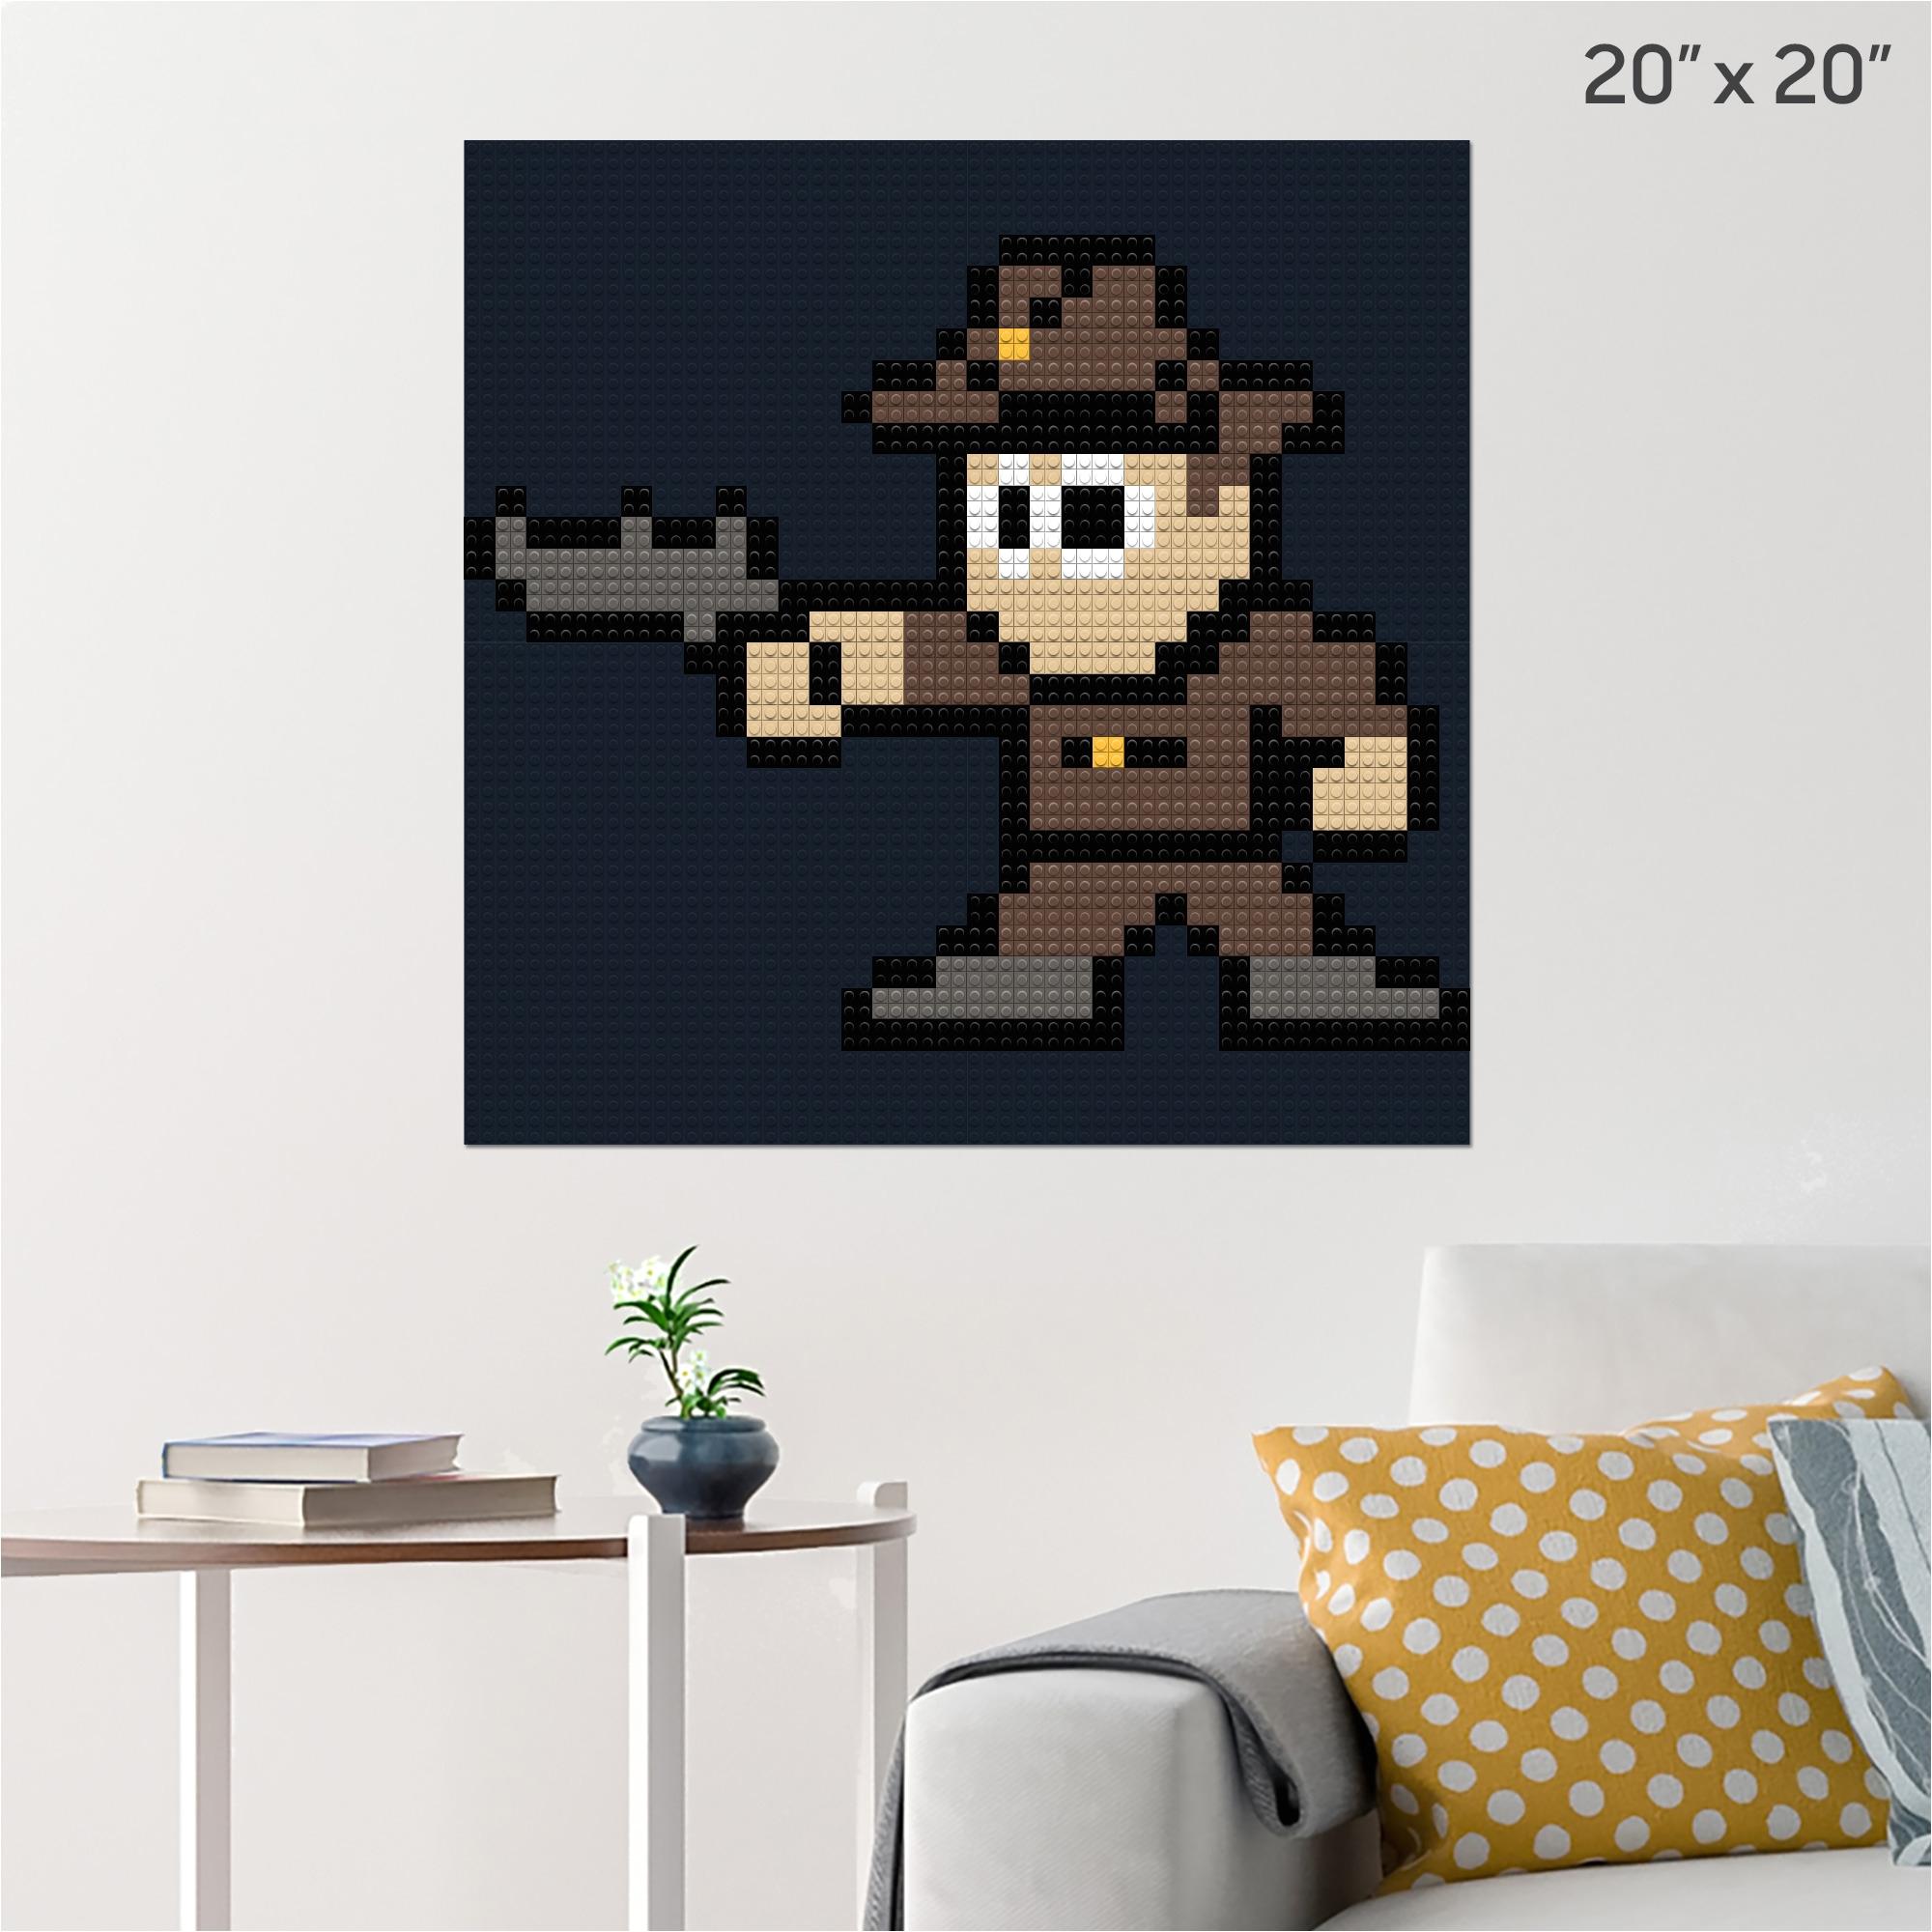 walking dead rick pixel art pixel brik wall poster 2x2 black building bricks 5a24f9bdf6c96a8d29720c6e jpg